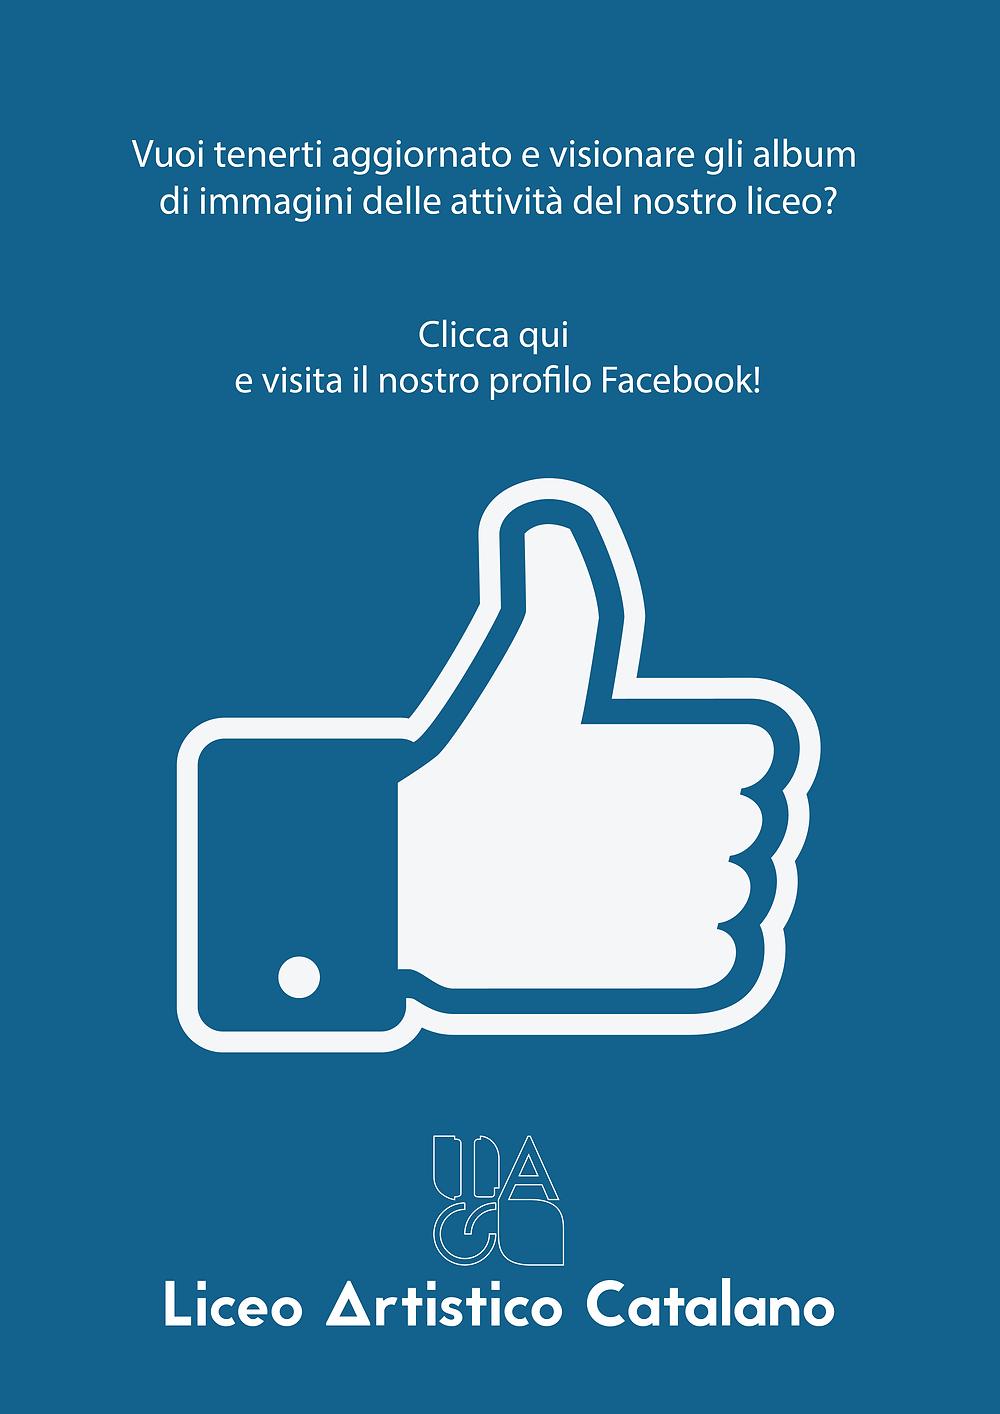 Clicca per Profilo Facebook Liceo Artistico Catalano-01-01.png